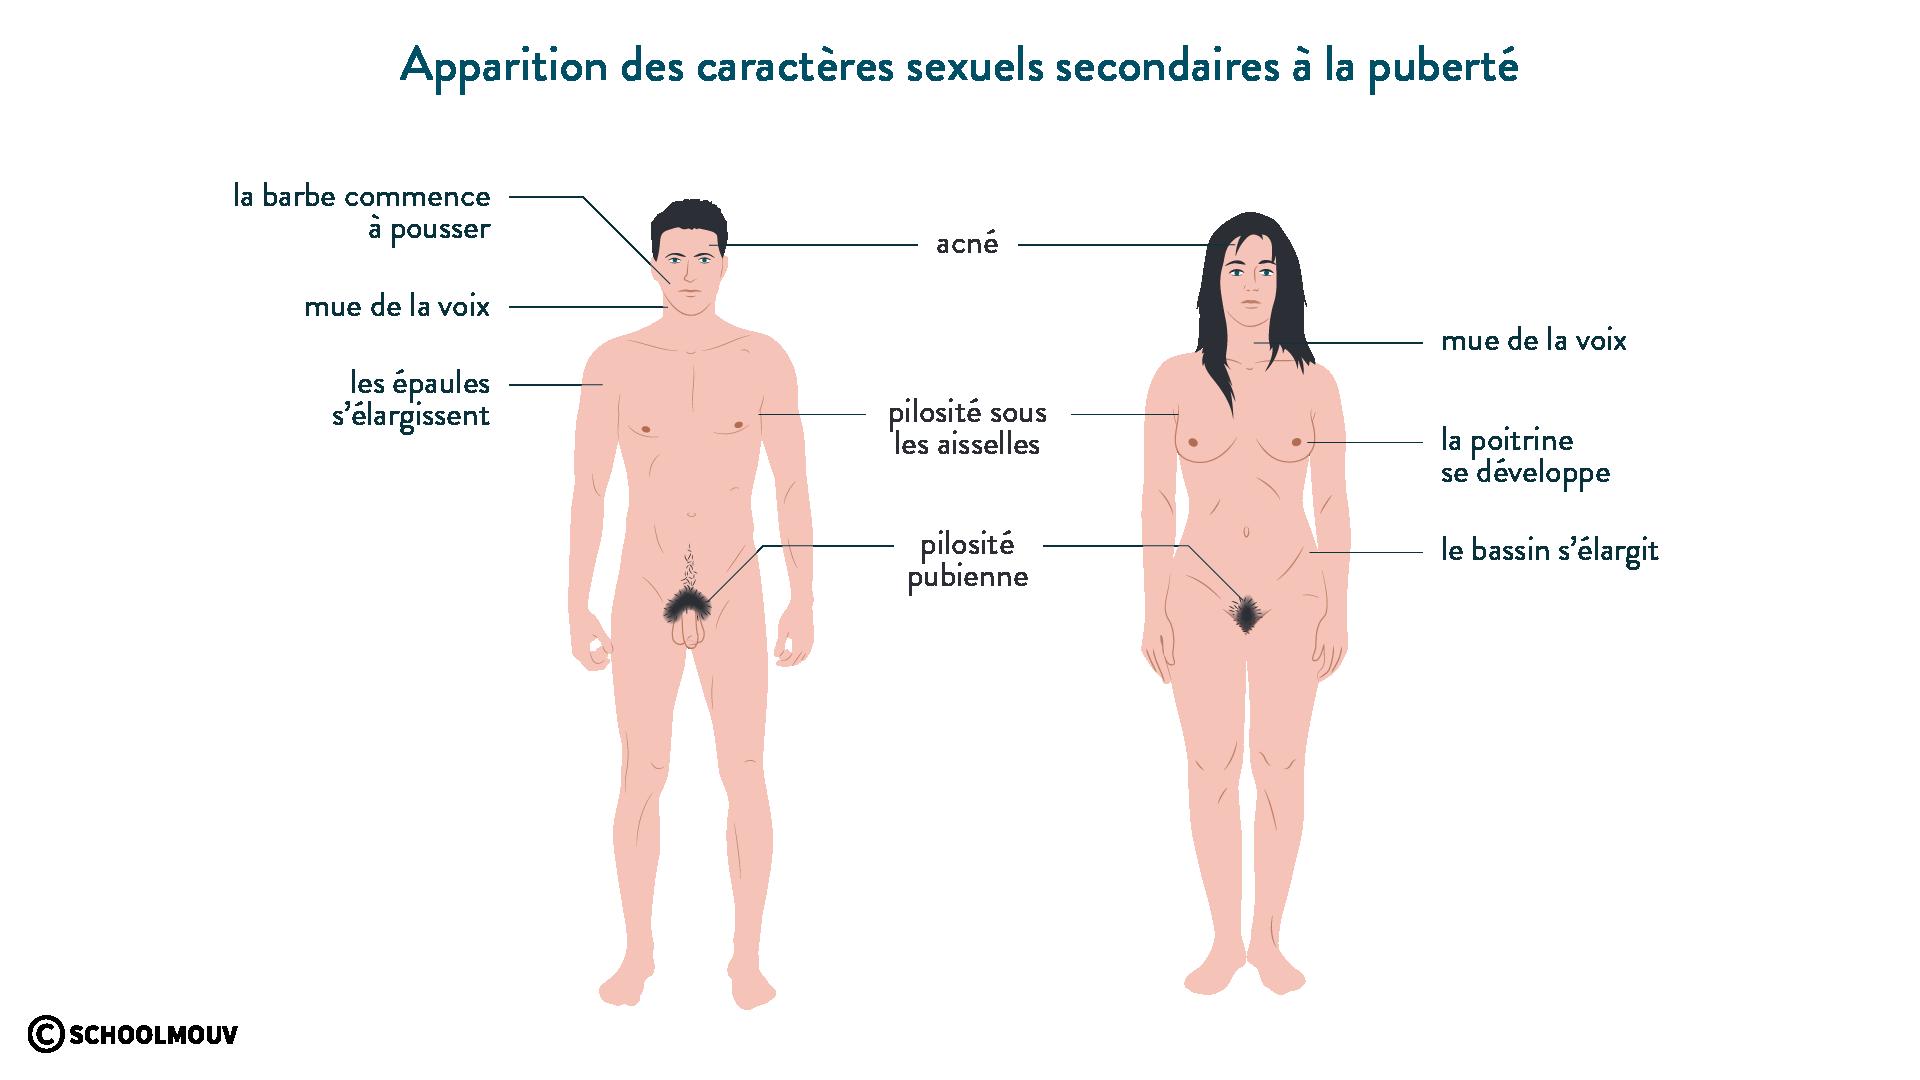 Apparition des caractères sexuels secondaires à la puberté svt 6ème schoolmouv